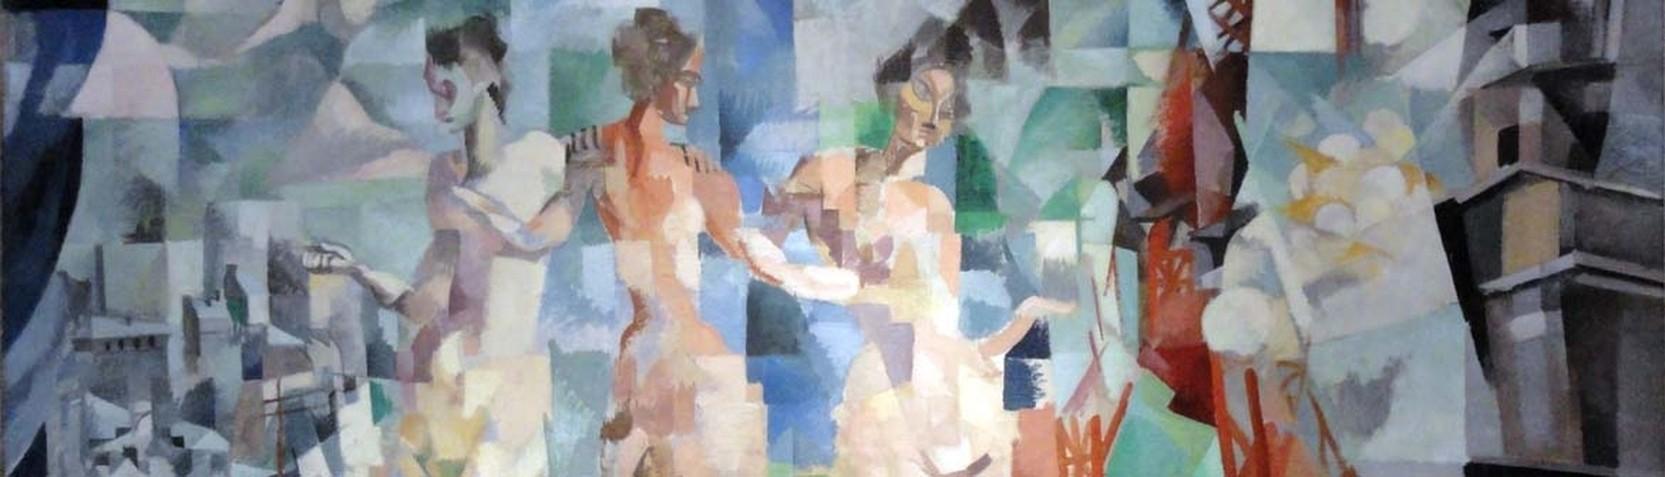 Artists - Robert Delaunay